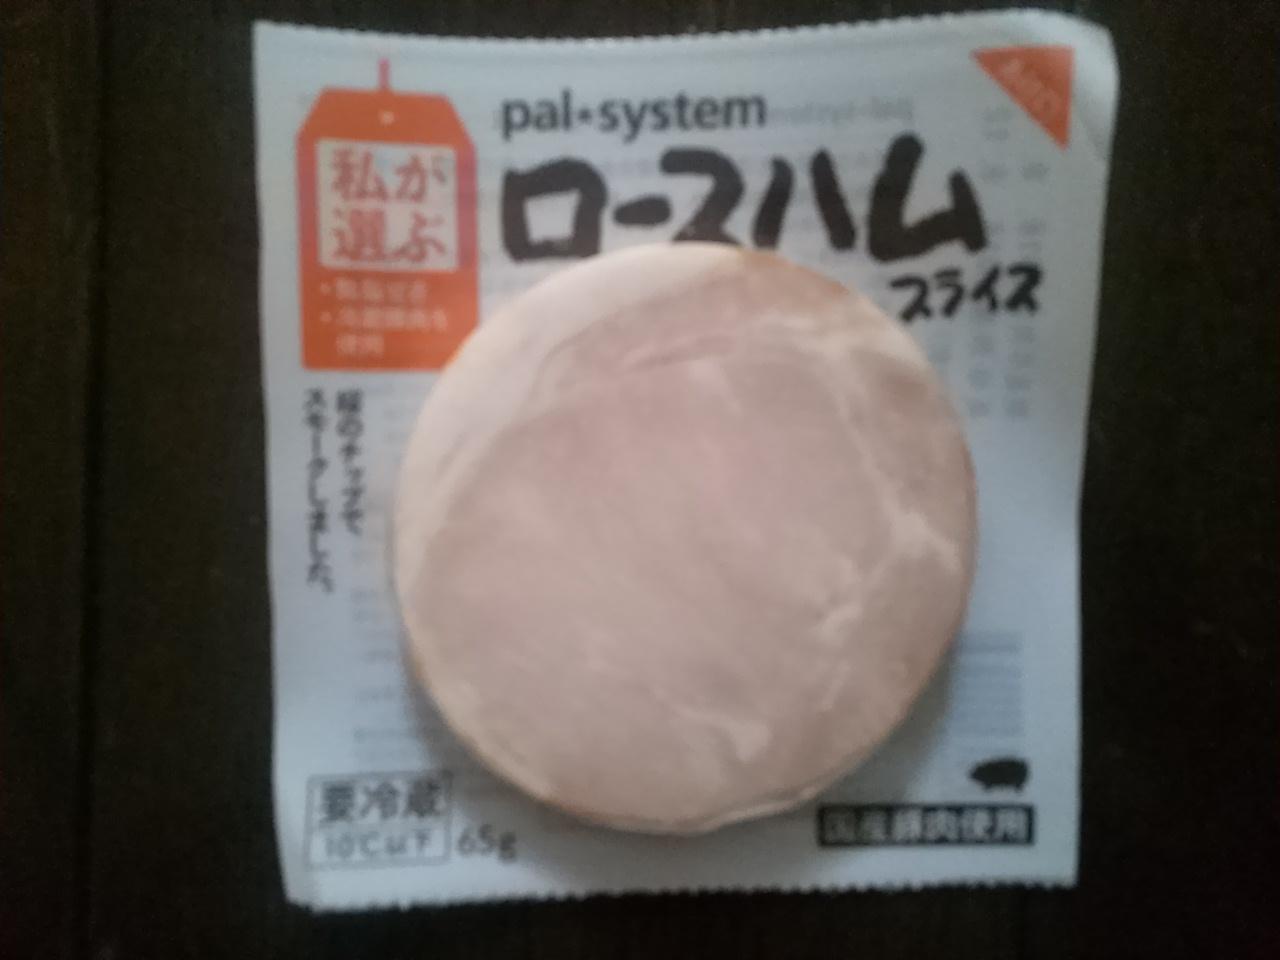 パルシステム一押しの加工食品 ロースハムをそのまま食べてみたよ!兼業主婦ワーキングマザー 共働き家庭におすすめのパルシステム